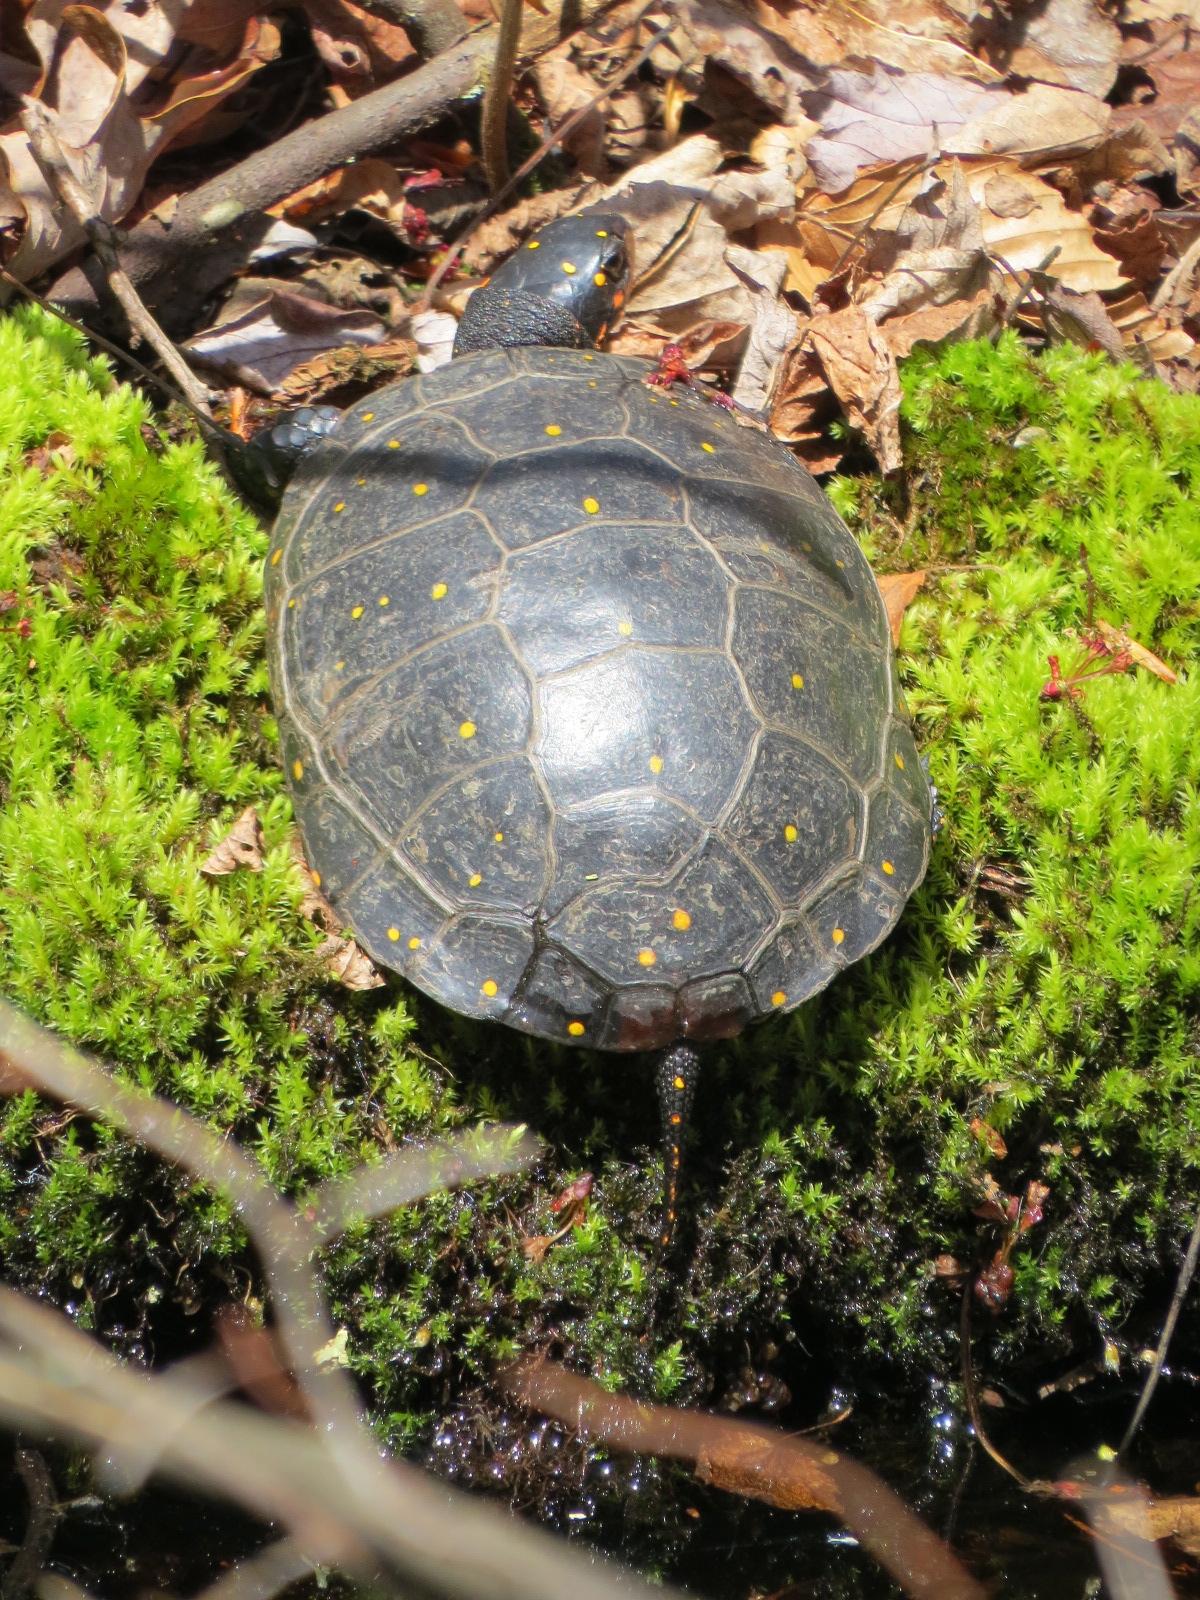 turtles backyard and beyond page 2